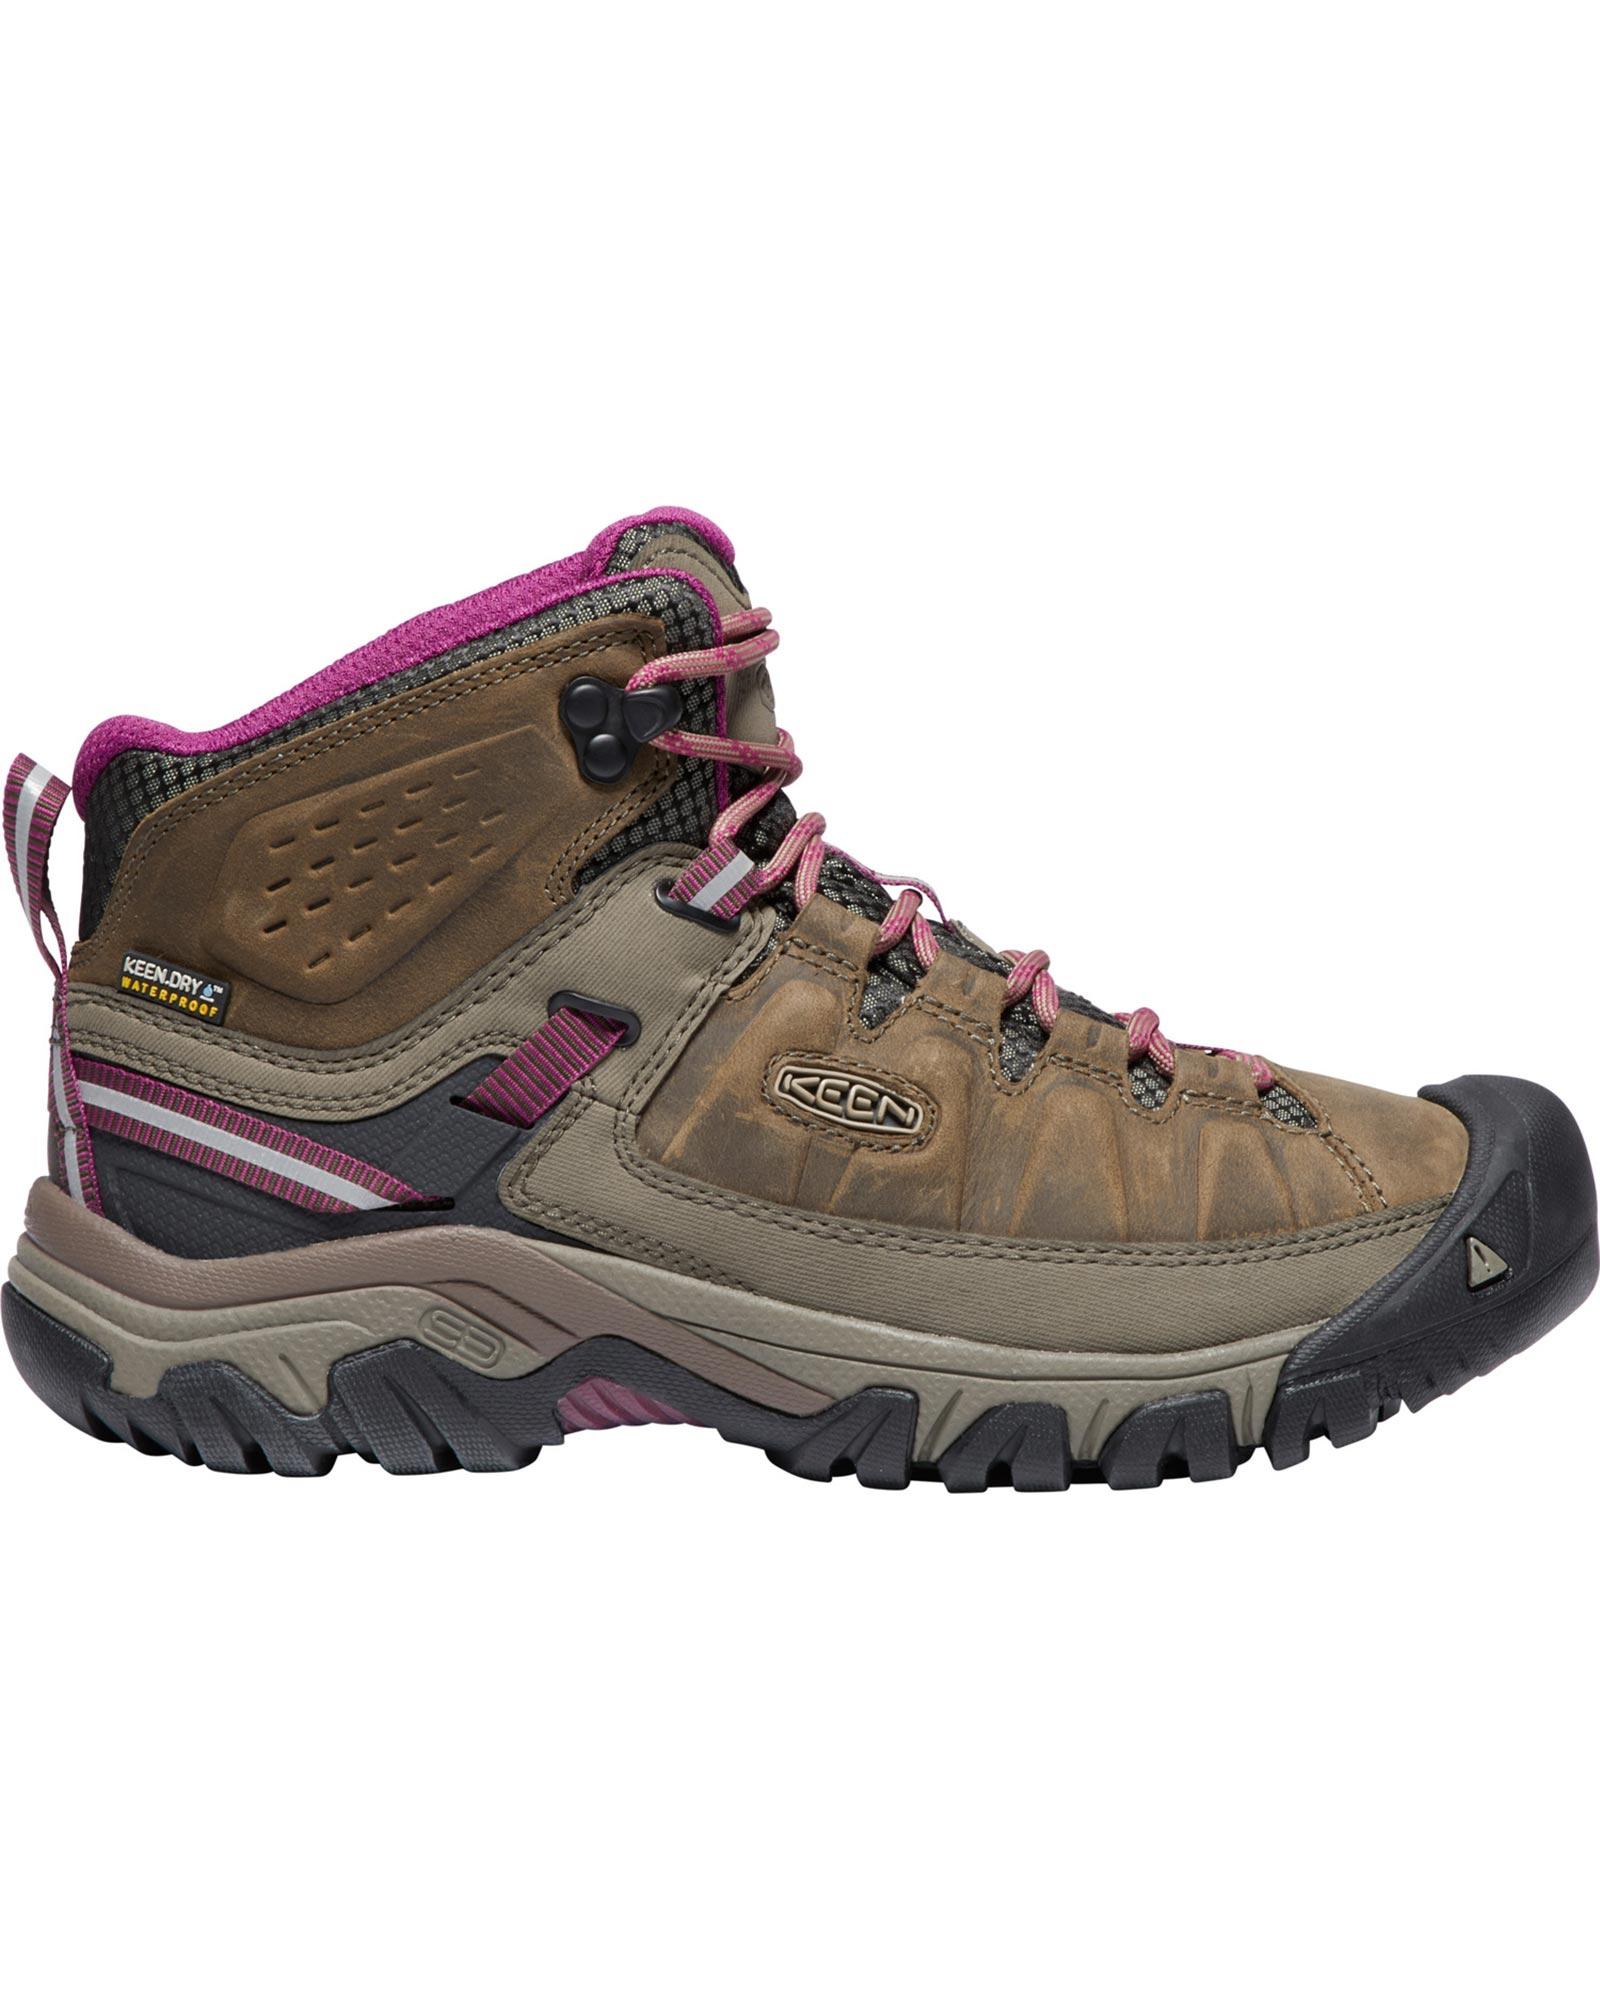 Keen Women's Targhee III Mid Waterproof Walking Boots 0